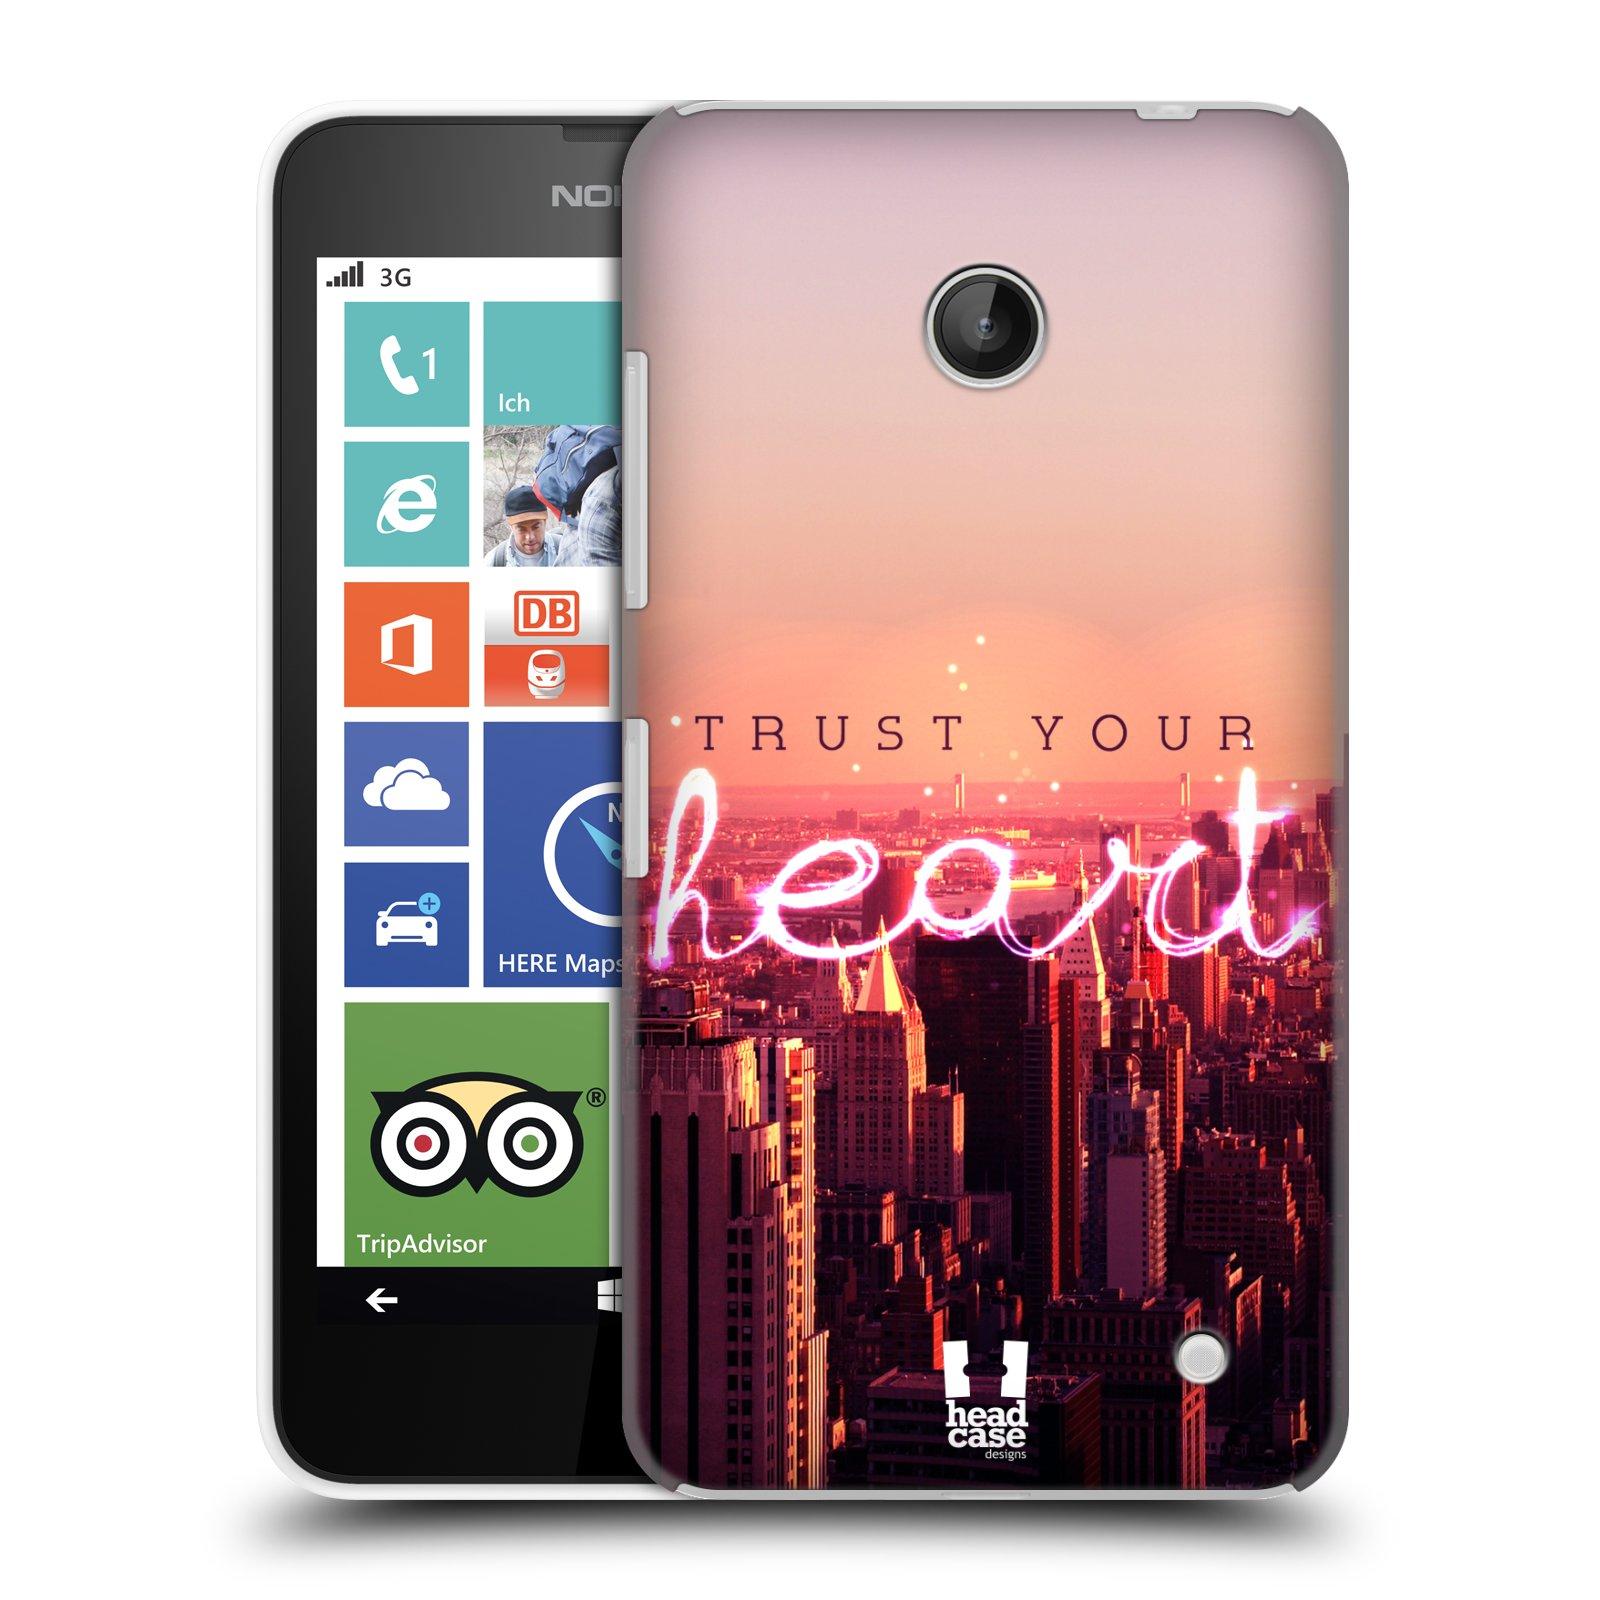 Plastové pouzdro na mobil Nokia Lumia 630 HEAD CASE TRUST YOUR HEART (Kryt či obal na mobilní telefon Nokia Lumia 630 a Nokia Lumia 630 Dual SIM)